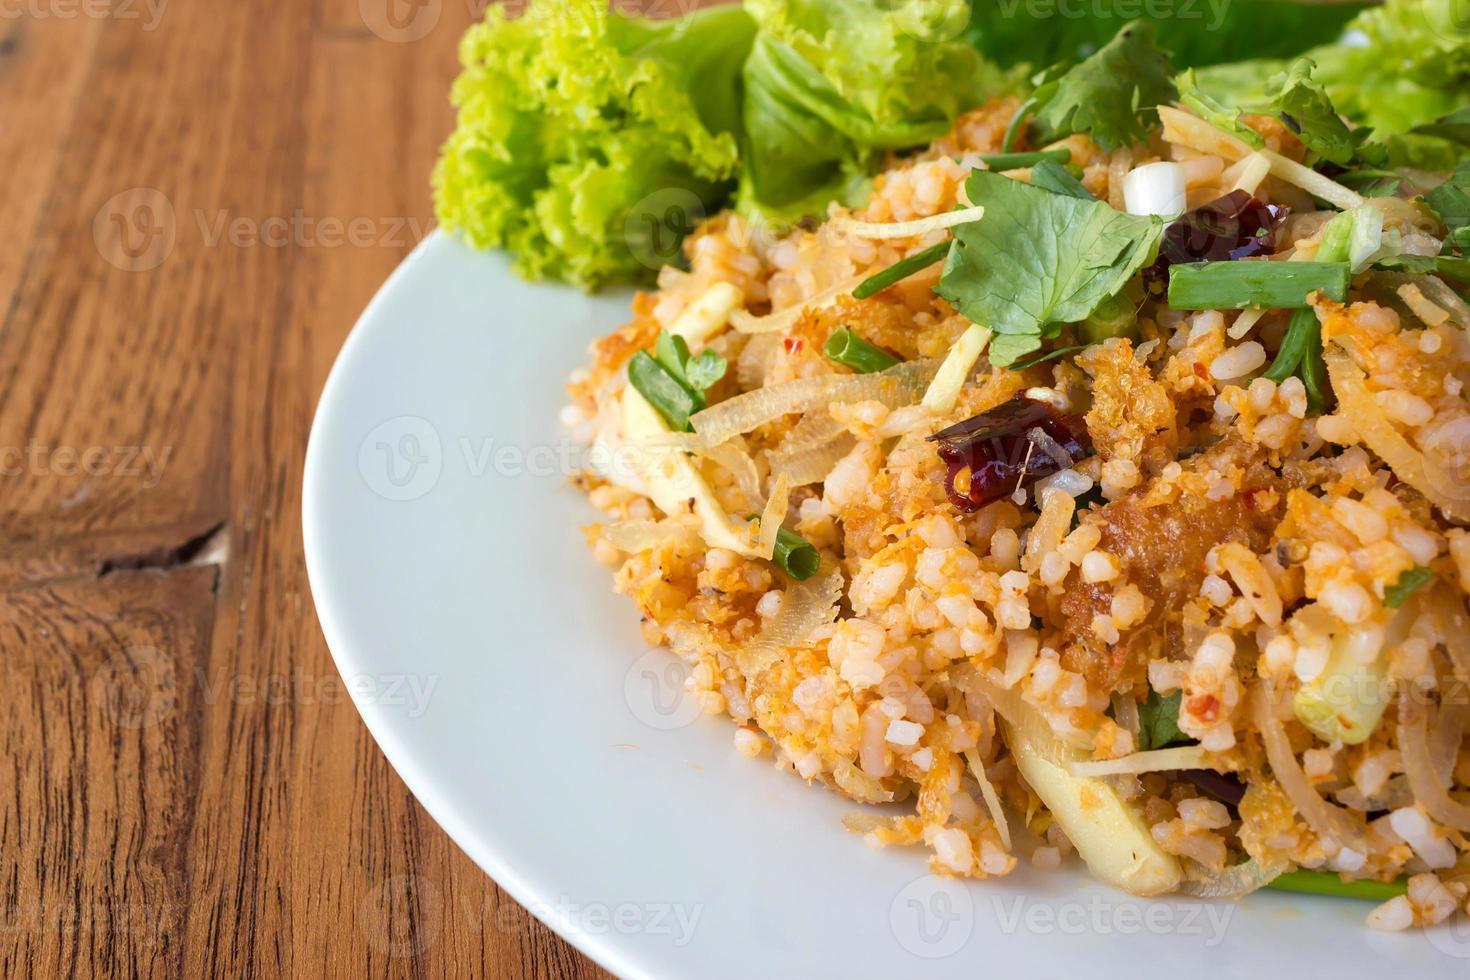 condimentar arroz frito con carne de cerdo. Comida tradicional de Tailandia. foto